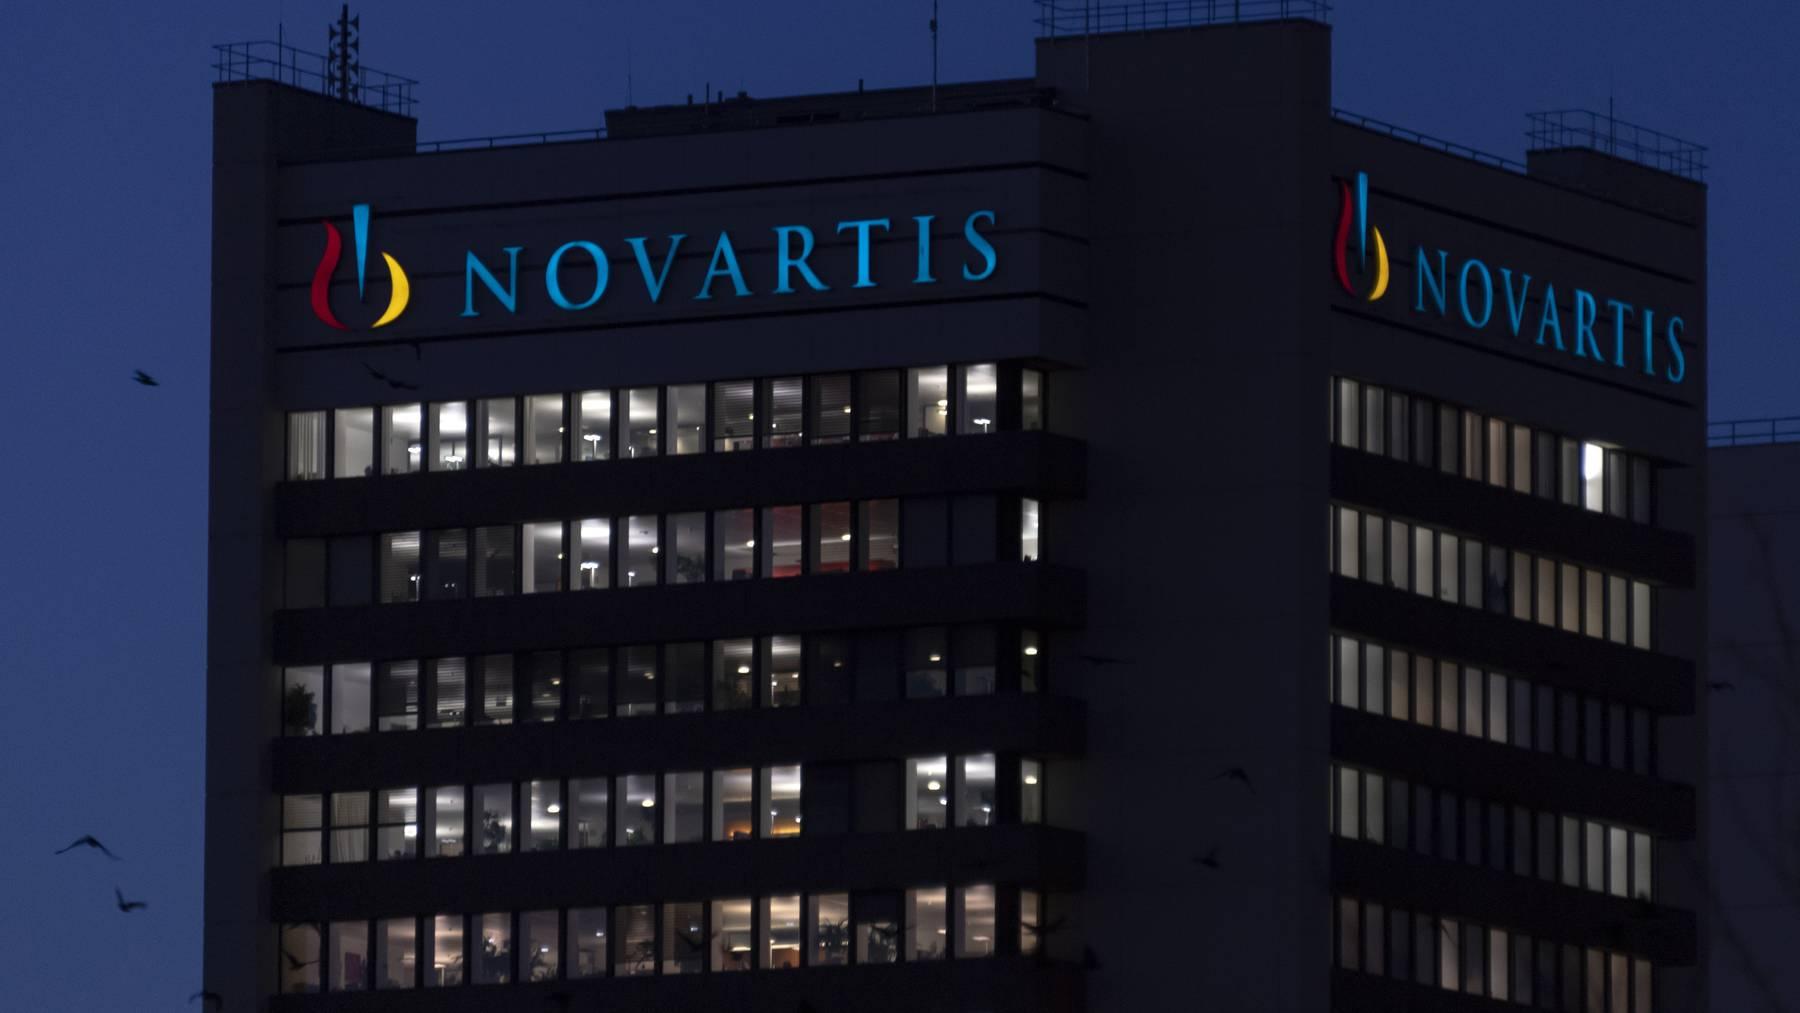 Der Novartis-Campus in Basel bei Nacht.